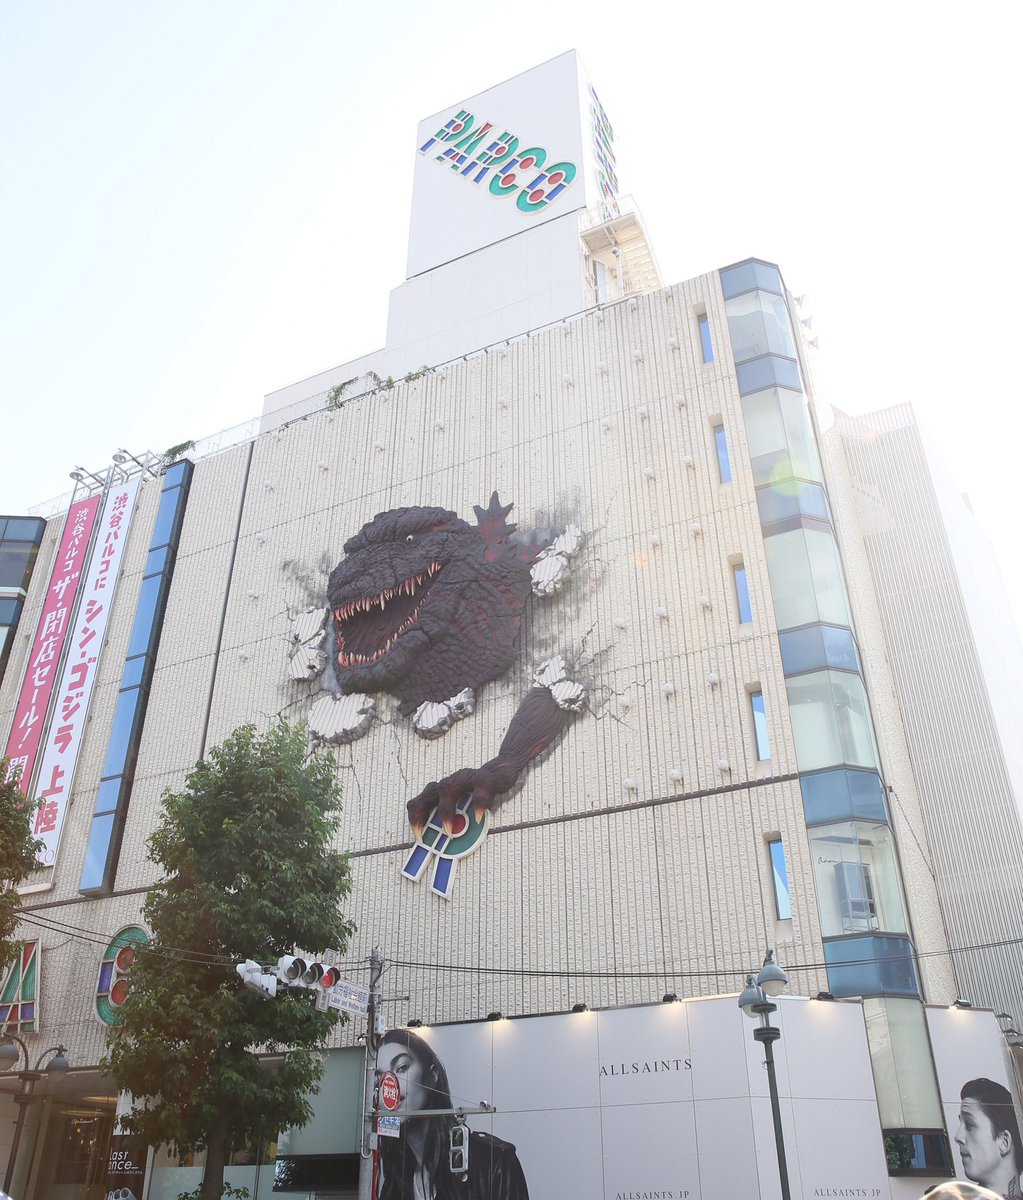 PARCO渋谷店が明日7日(日)でいよいよ休館です! 壁面をぶち破って顔を出すゴジラも明日で見納め!…